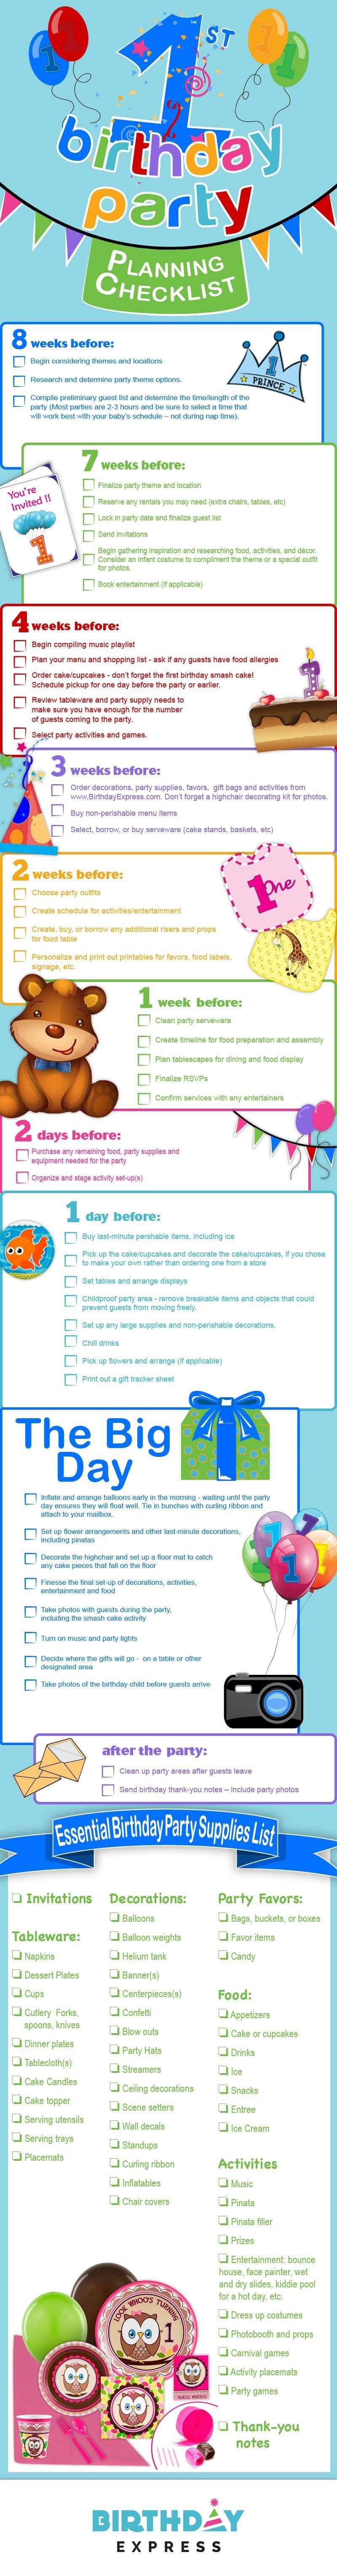 St Birthday Party Checklist  Party Planning Checklist Children